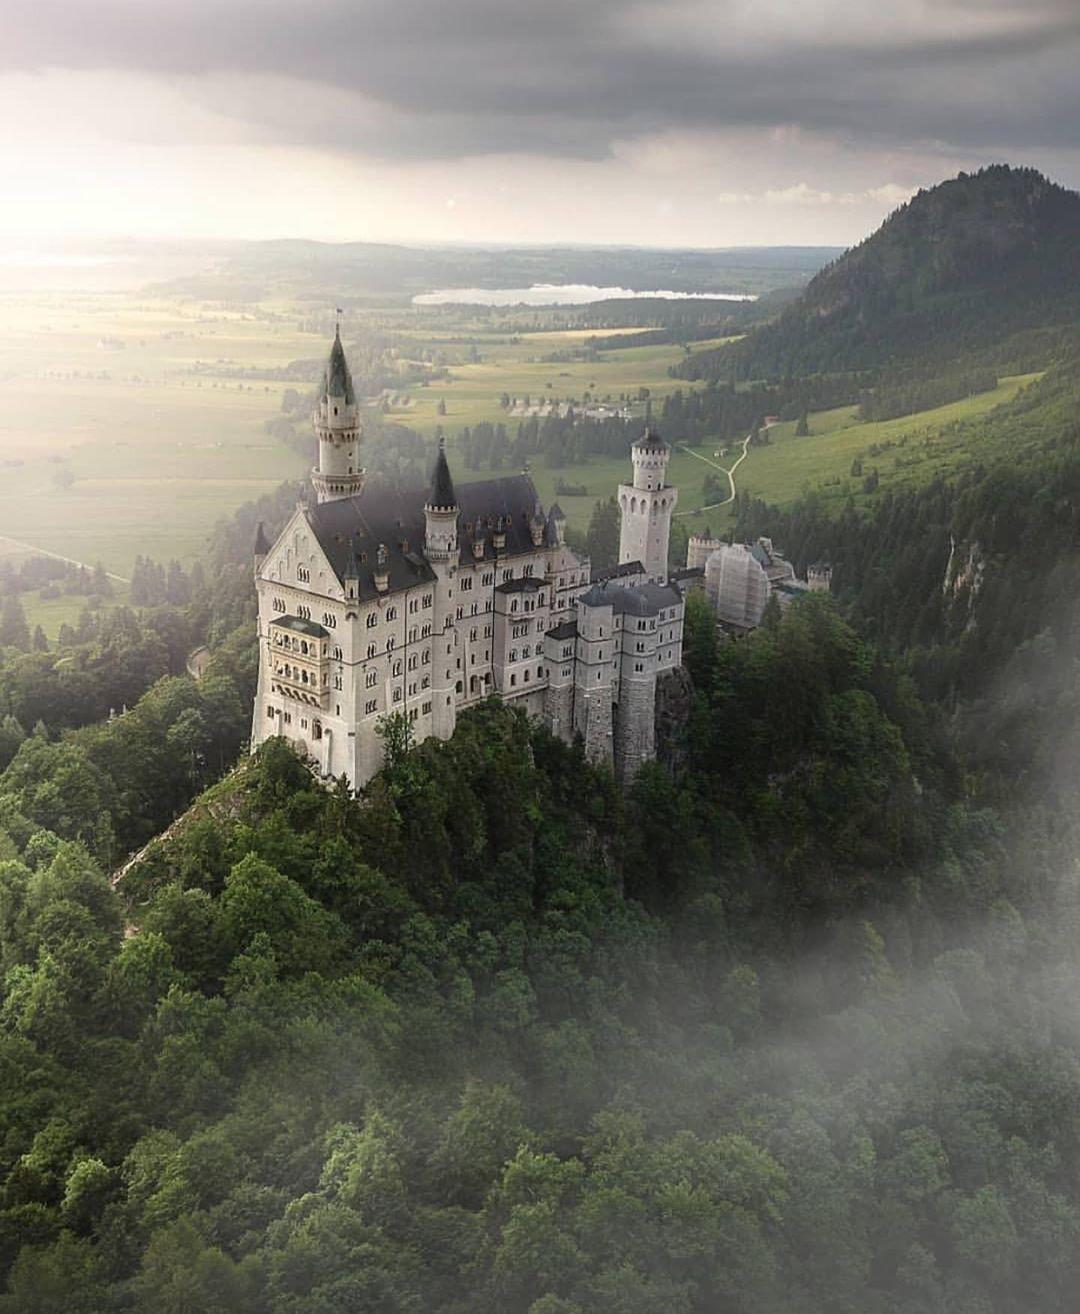 Schloss Neuschwanstein On Instagram Neuschwanstein Schlossneuschwanstein Neuschwansteincastle Bayern Bavaria Castle Beautifuldestination Schlos